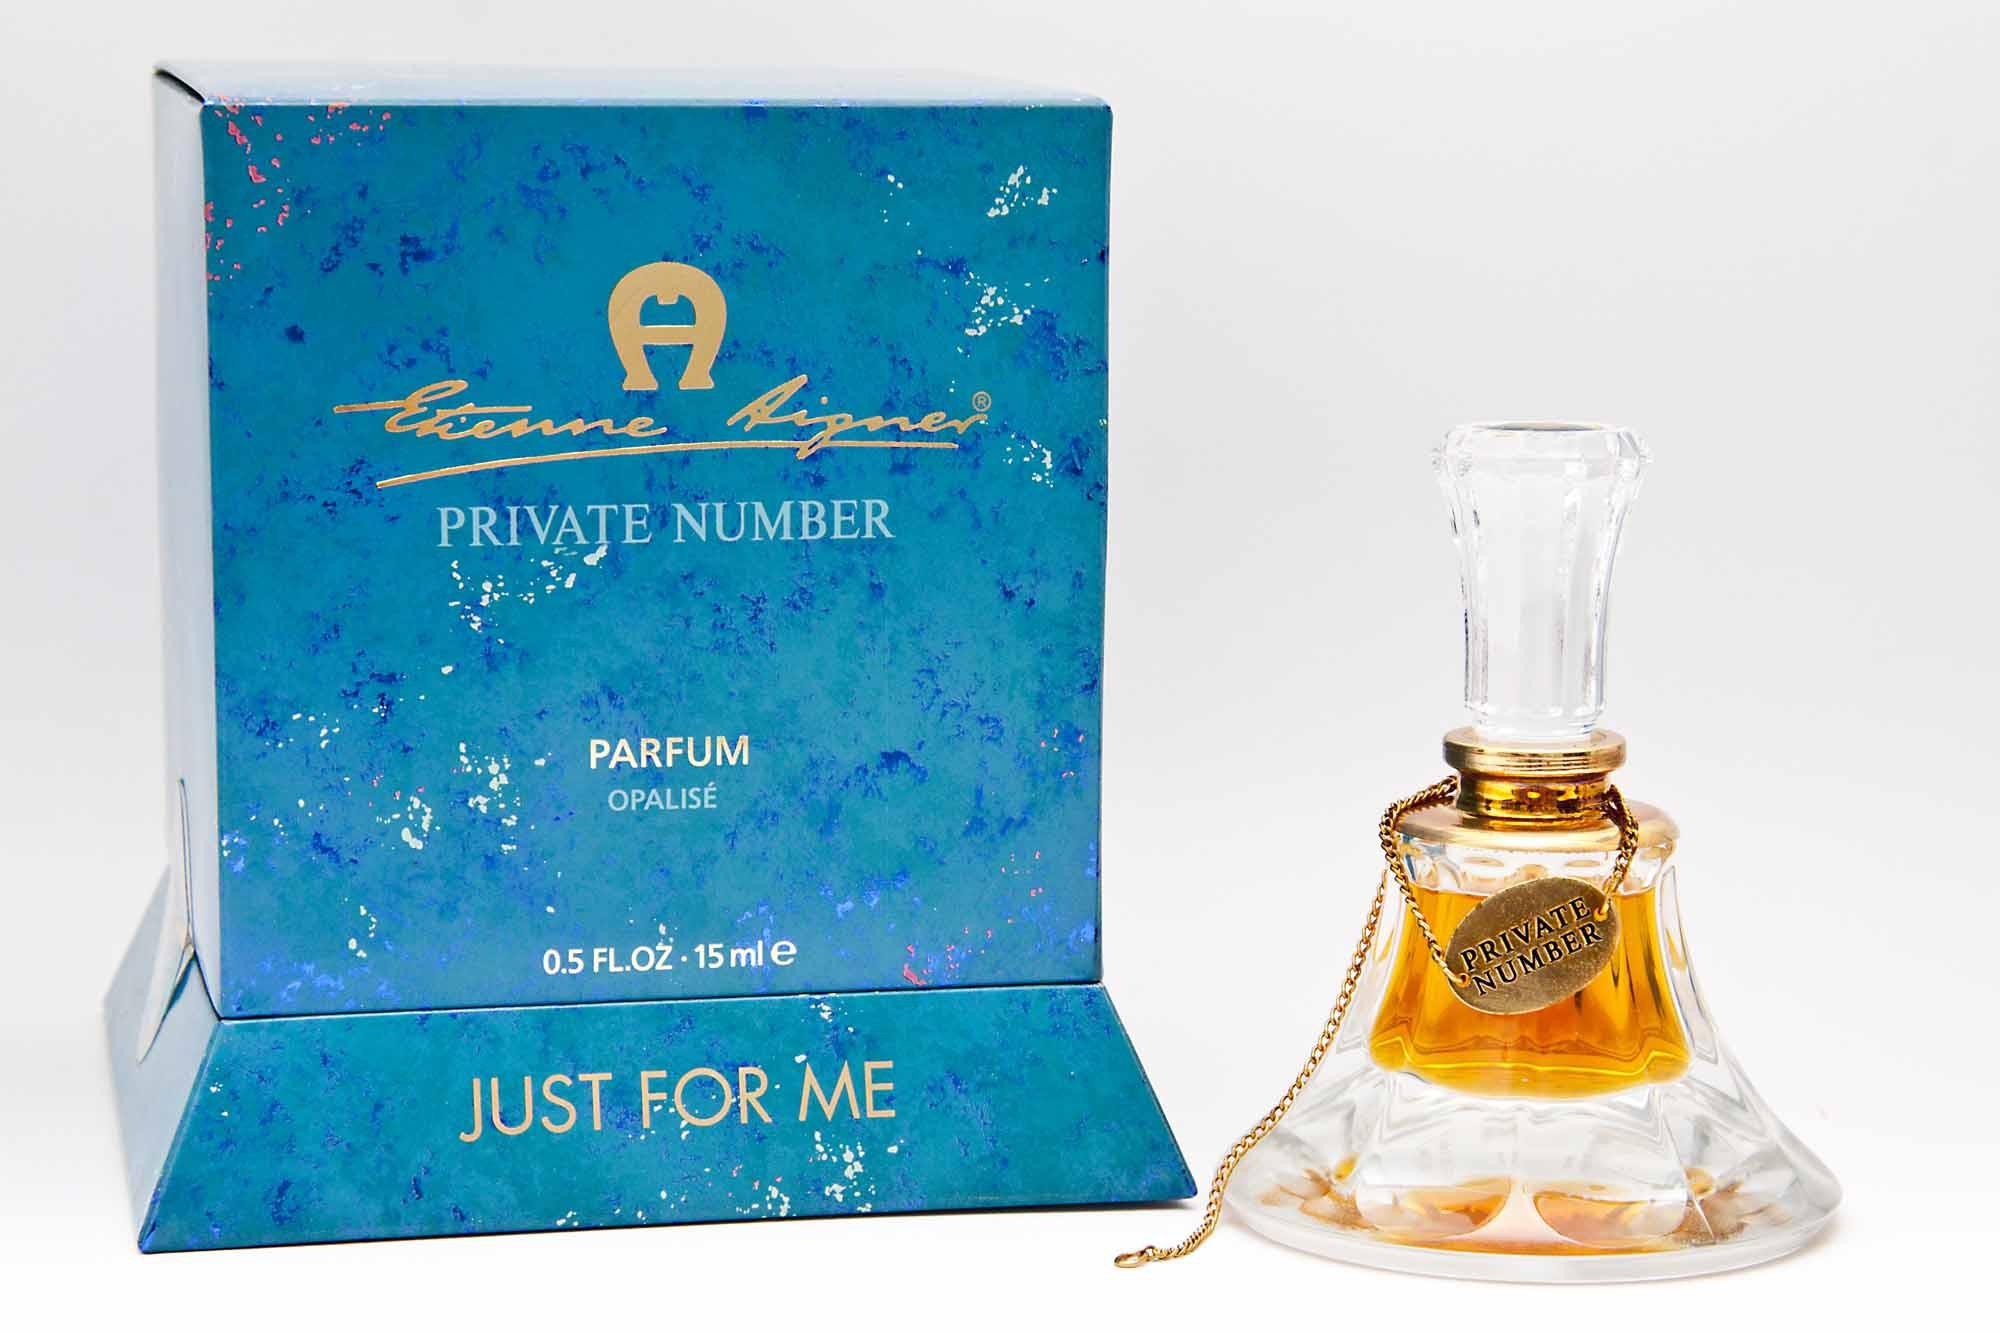 Aigner Private Number Opalisée аромат для женщин